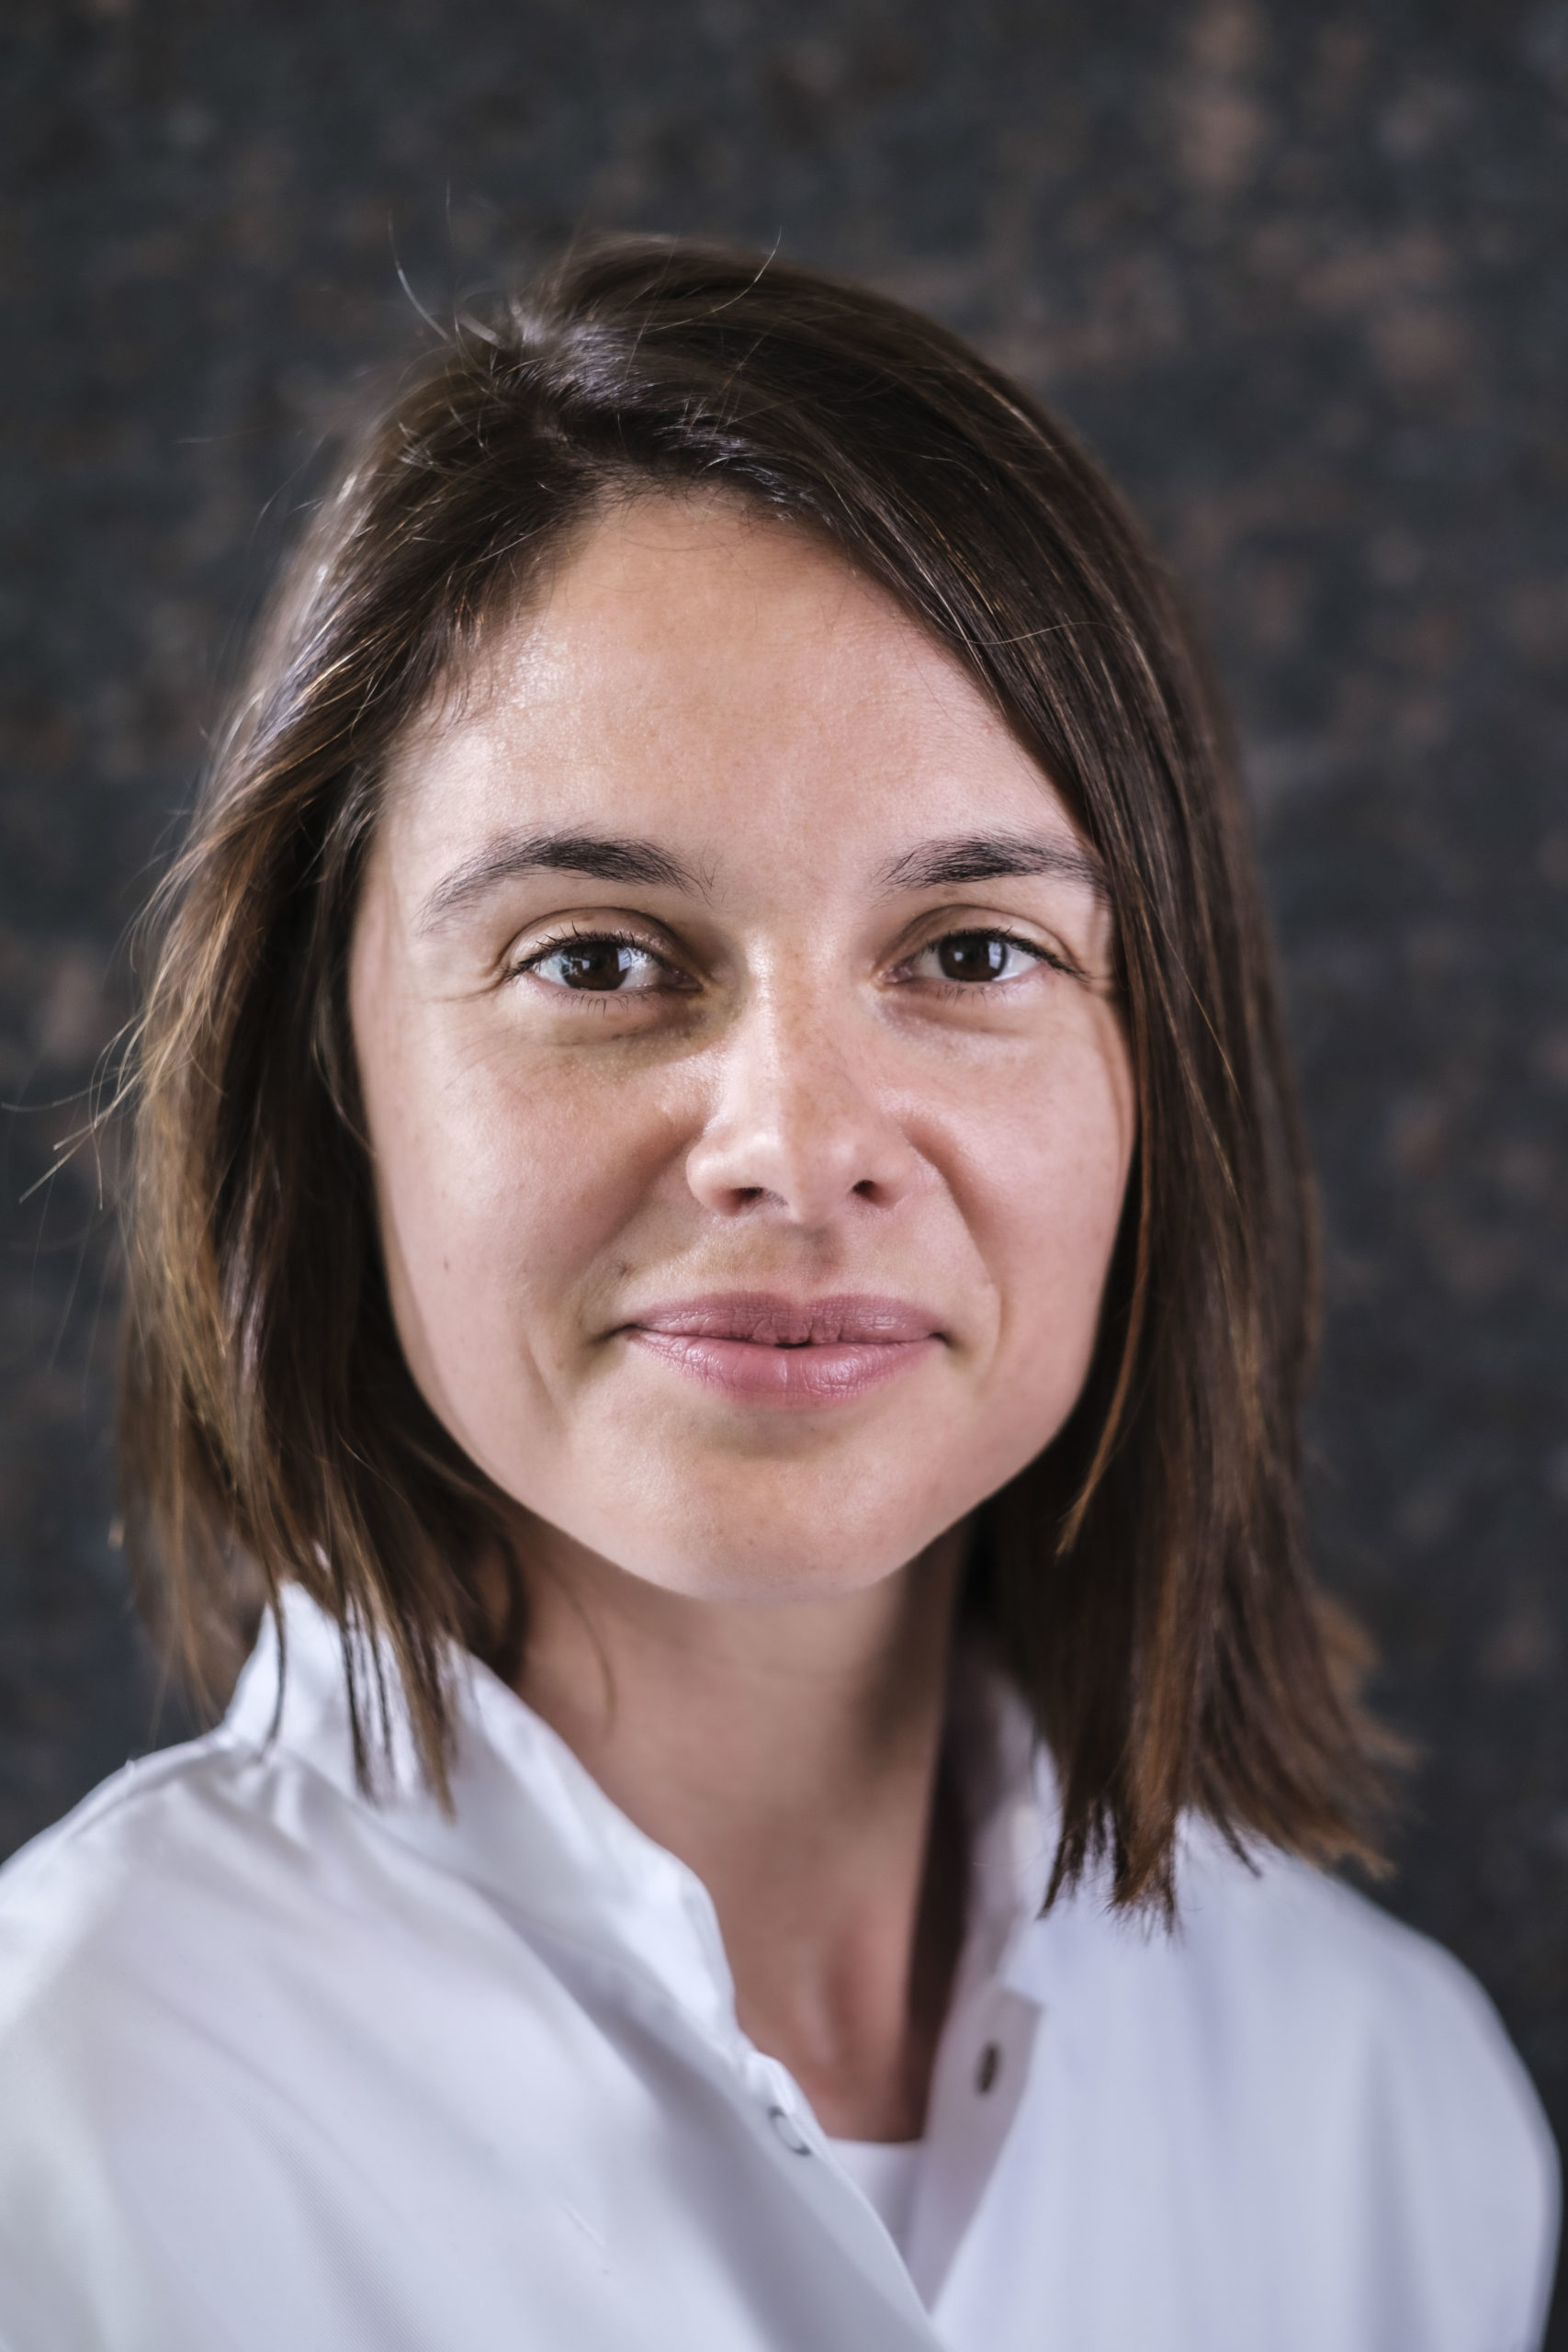 Dr Alicia Borderé